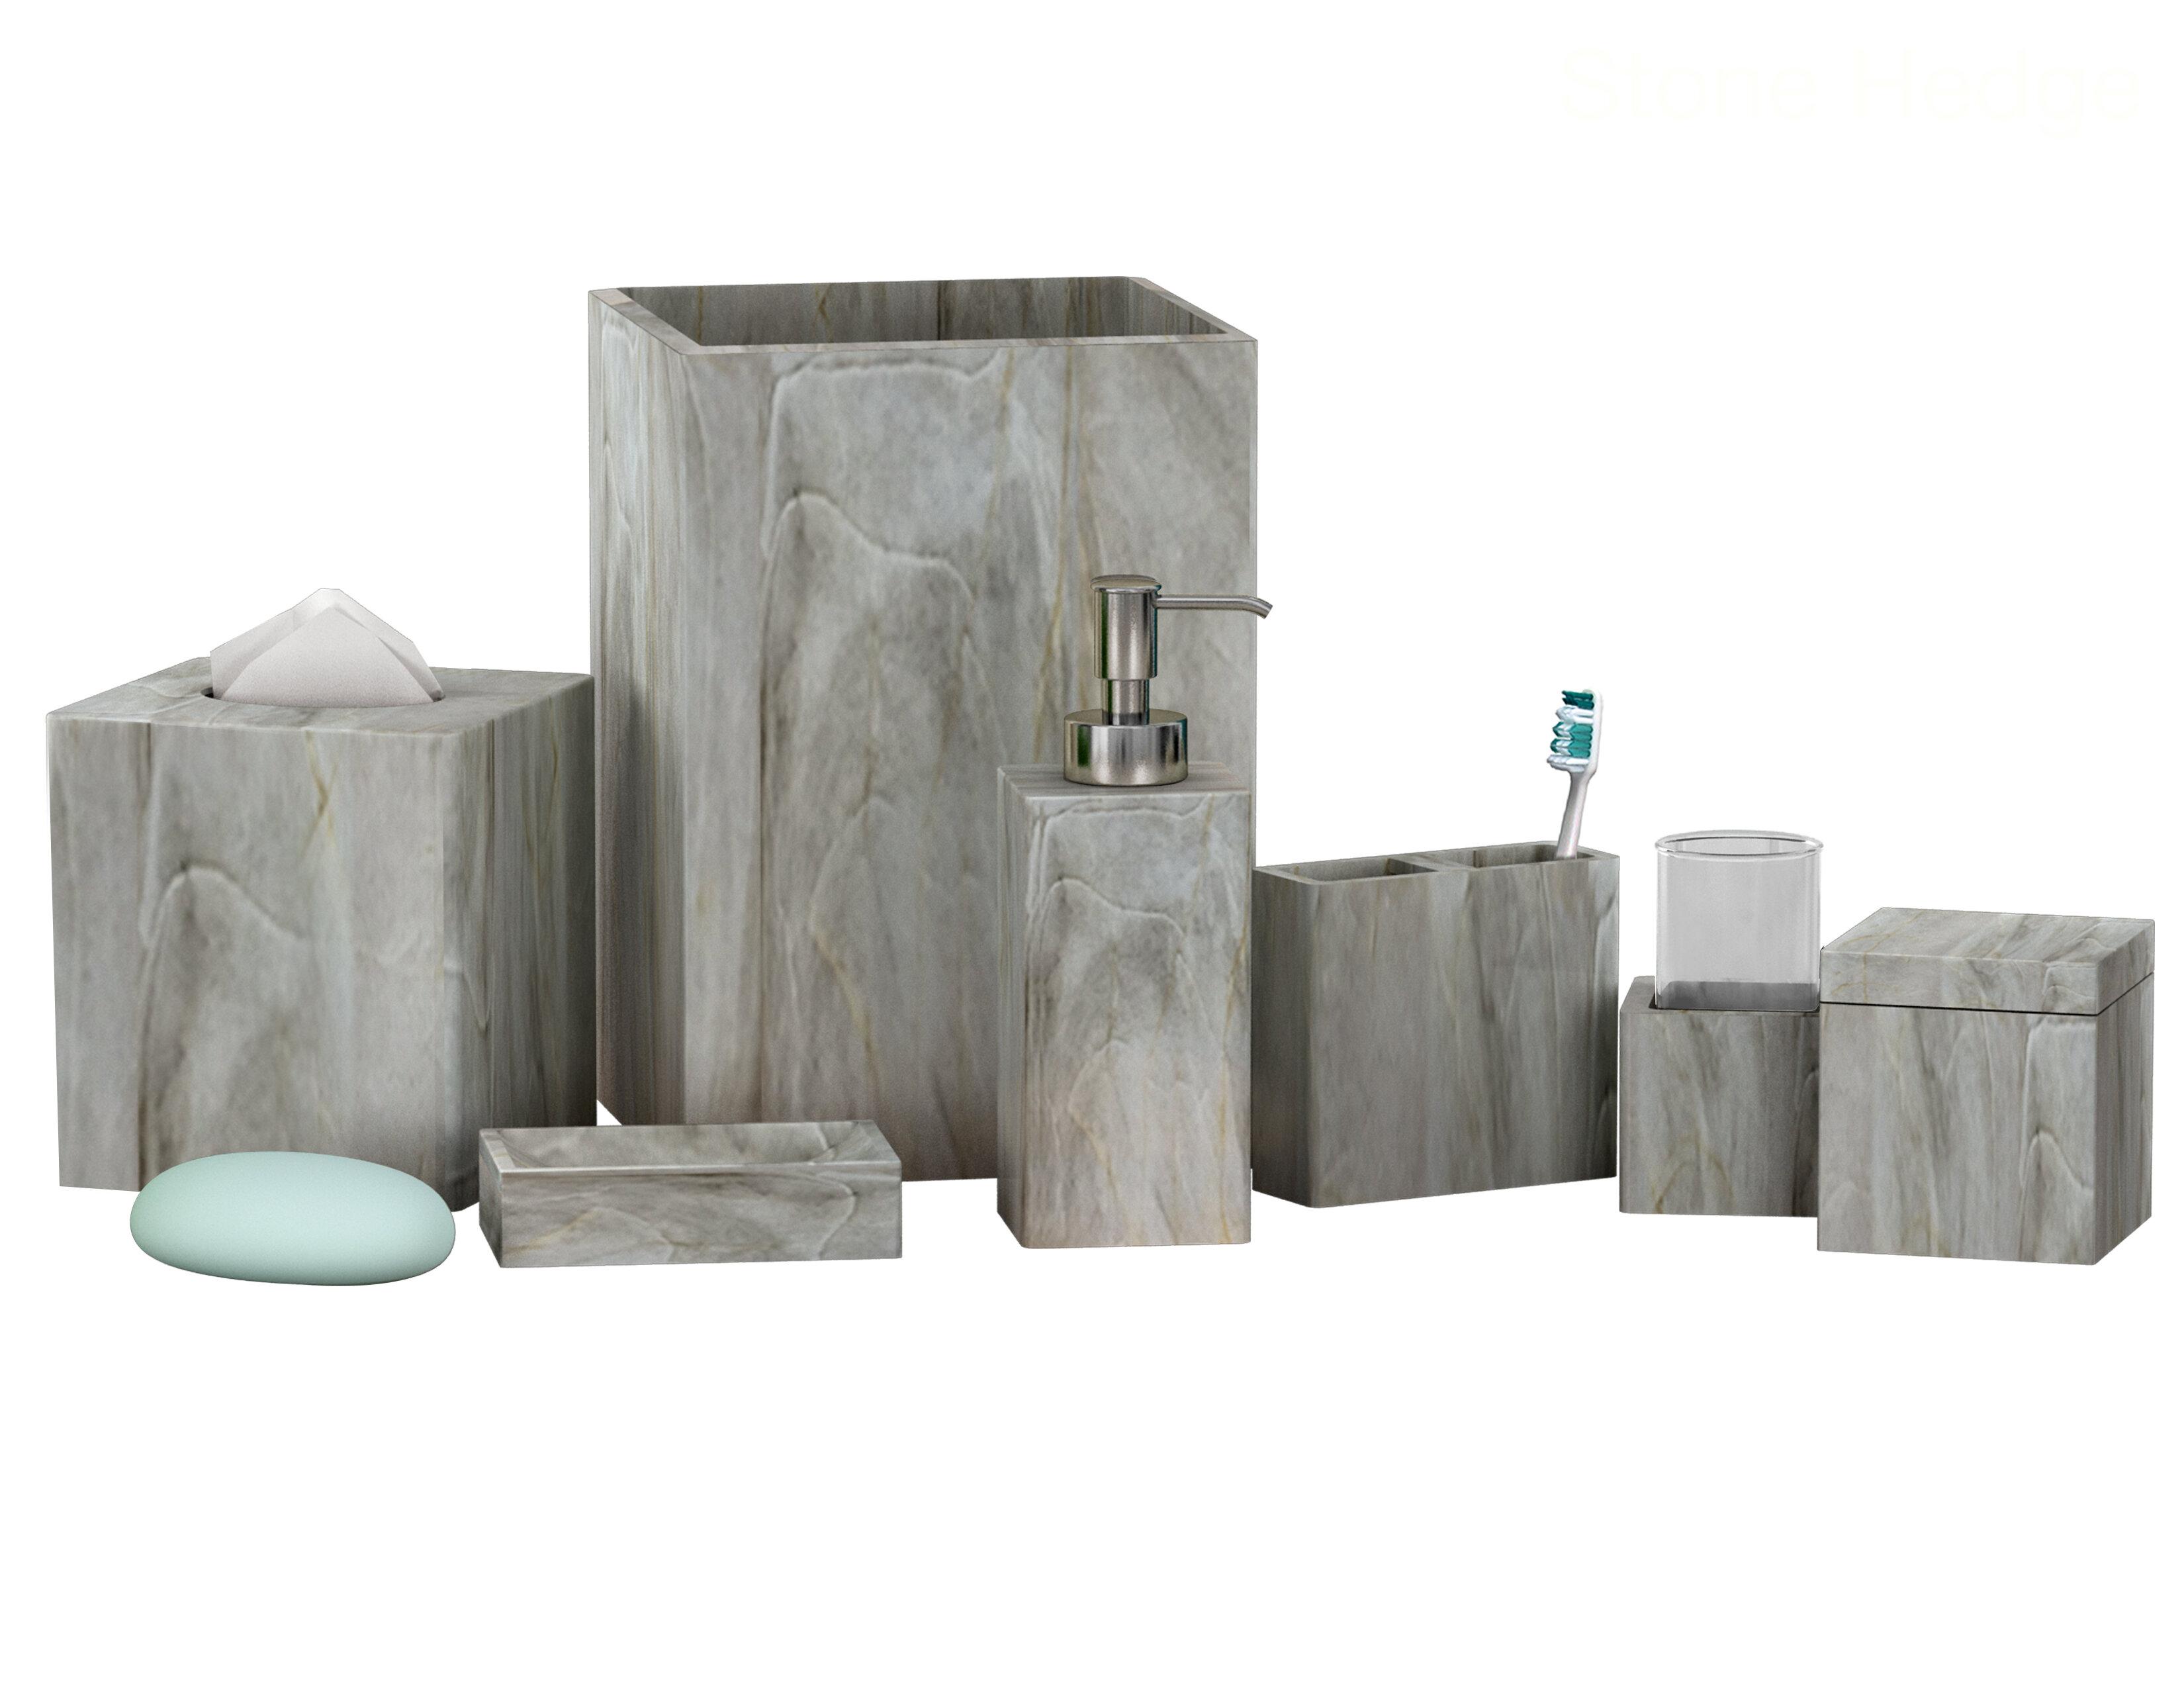 Latitude Run Almerindo Resin 7 Piece Bathroom Accessory Set Reviews Wayfair